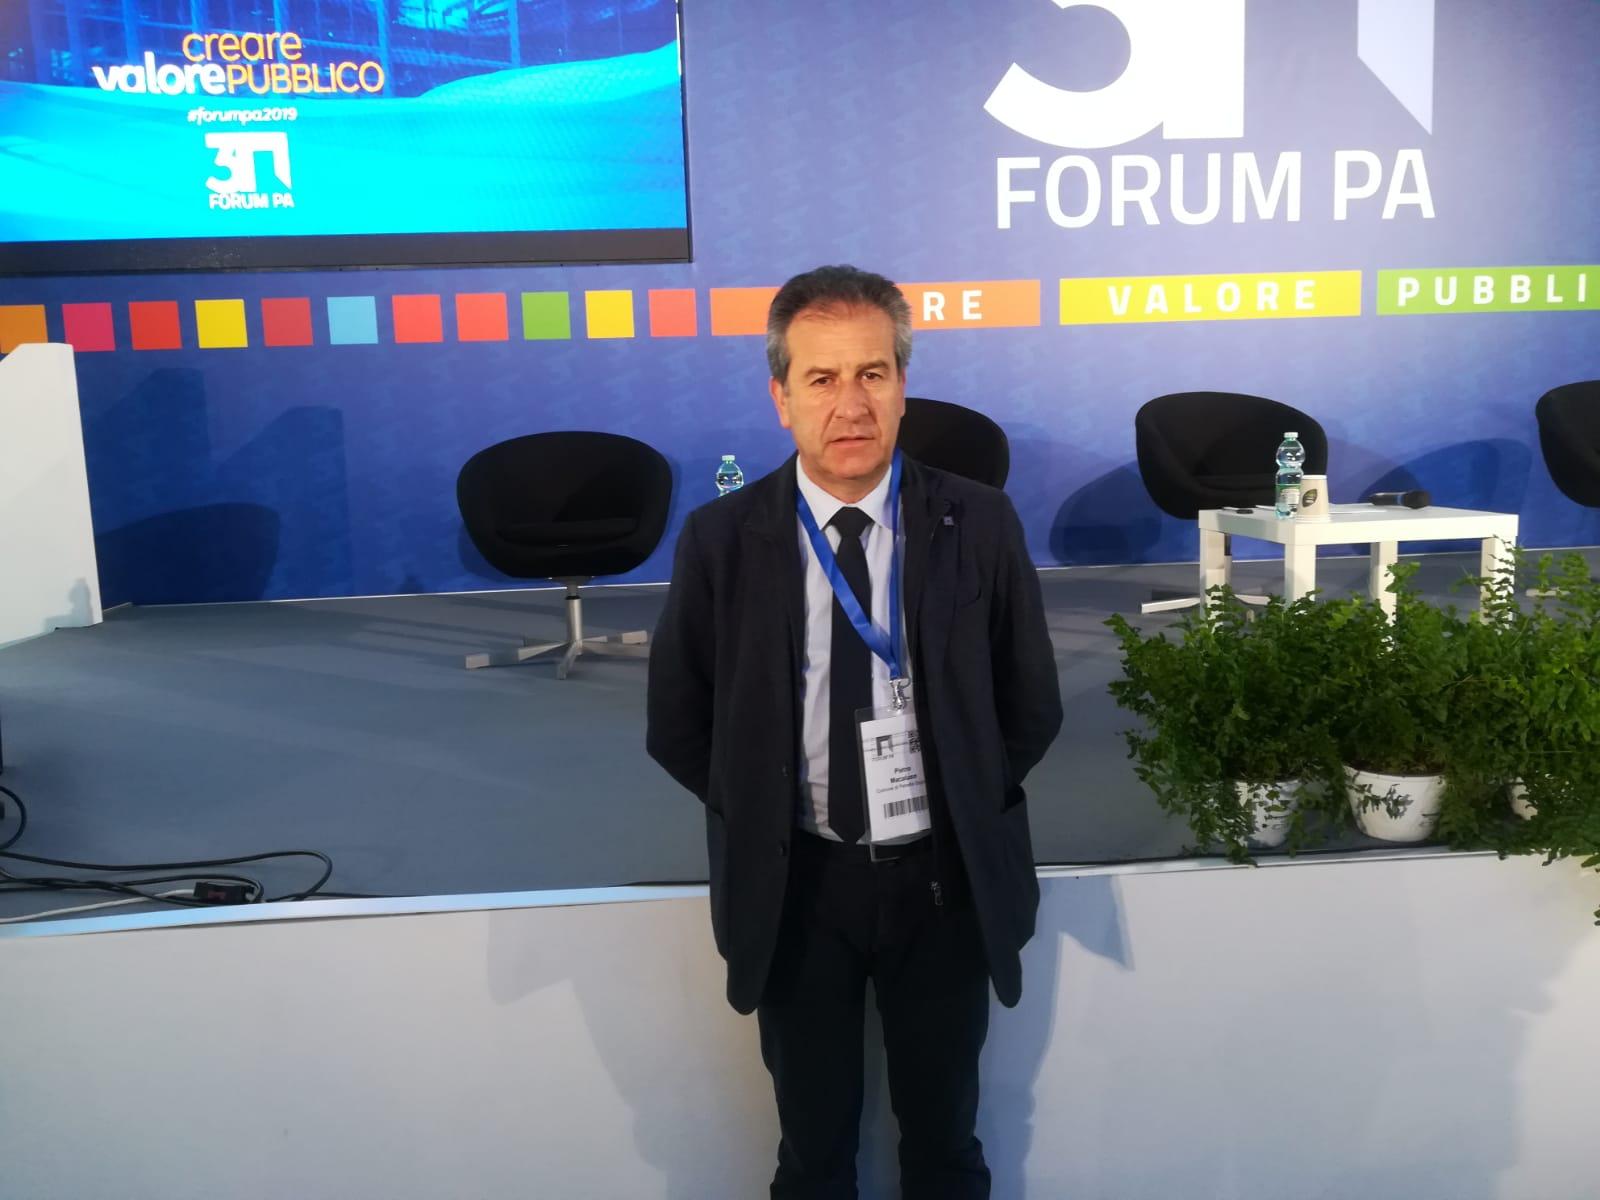 Pietro Macaluso al Forum della Pubblica Amministrazione che si tiene a Roma per parlare dell'area interna Madonie.